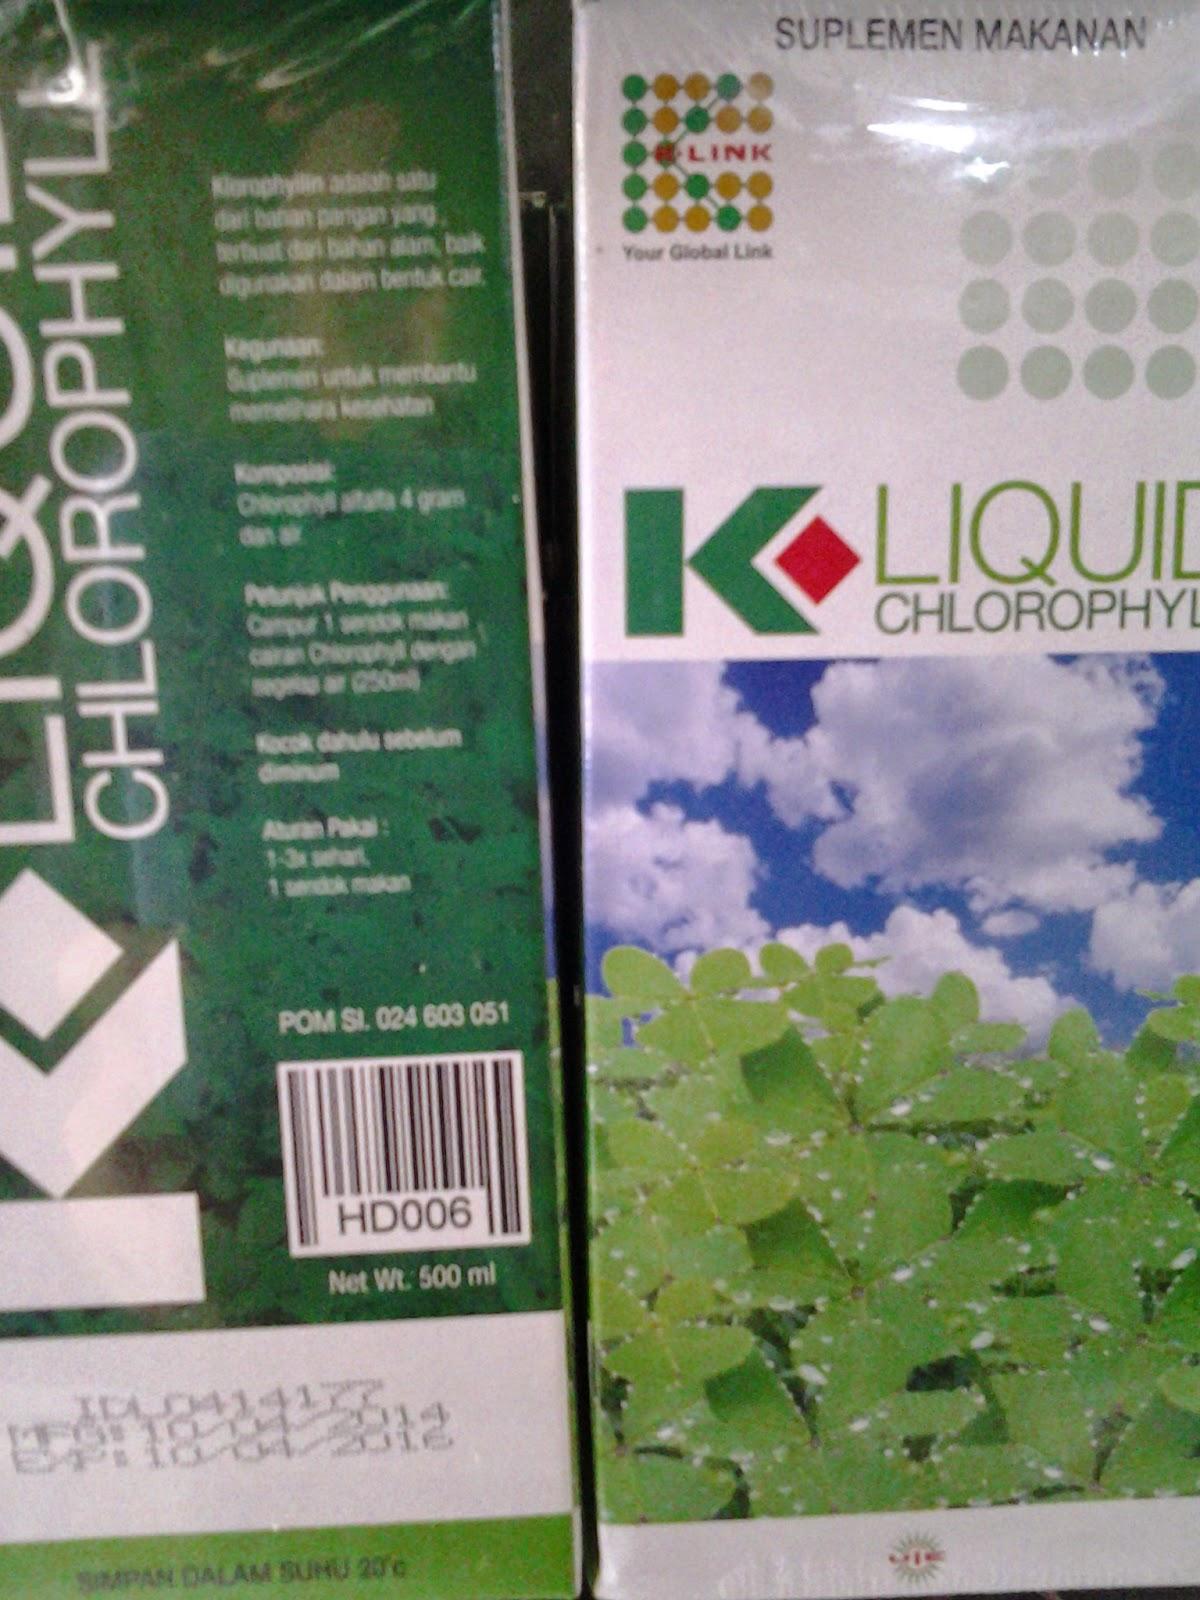 Klorofil K Link Minuman Kesehatan Anti Kanker Mempercepat Chlorophyll Liquid Adalah Herbal Drink Yang Bahan Utamanya Sari Dari Daun Alfalfa Medicago Sativa Suplemen